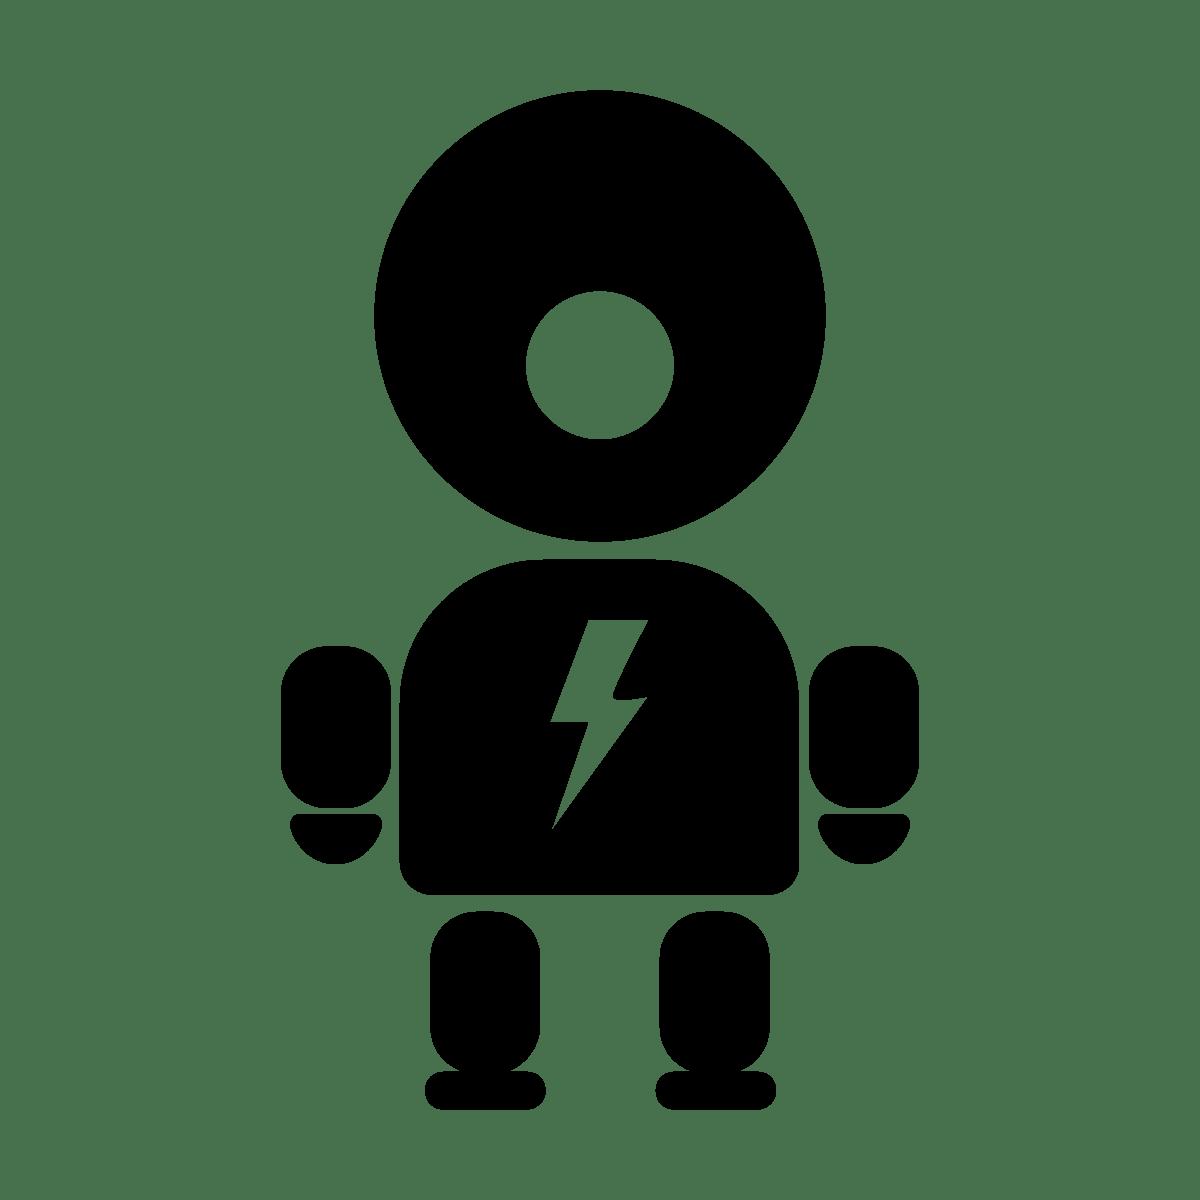 Flash clipart muzzle flash, Flash muzzle flash Transparent ...